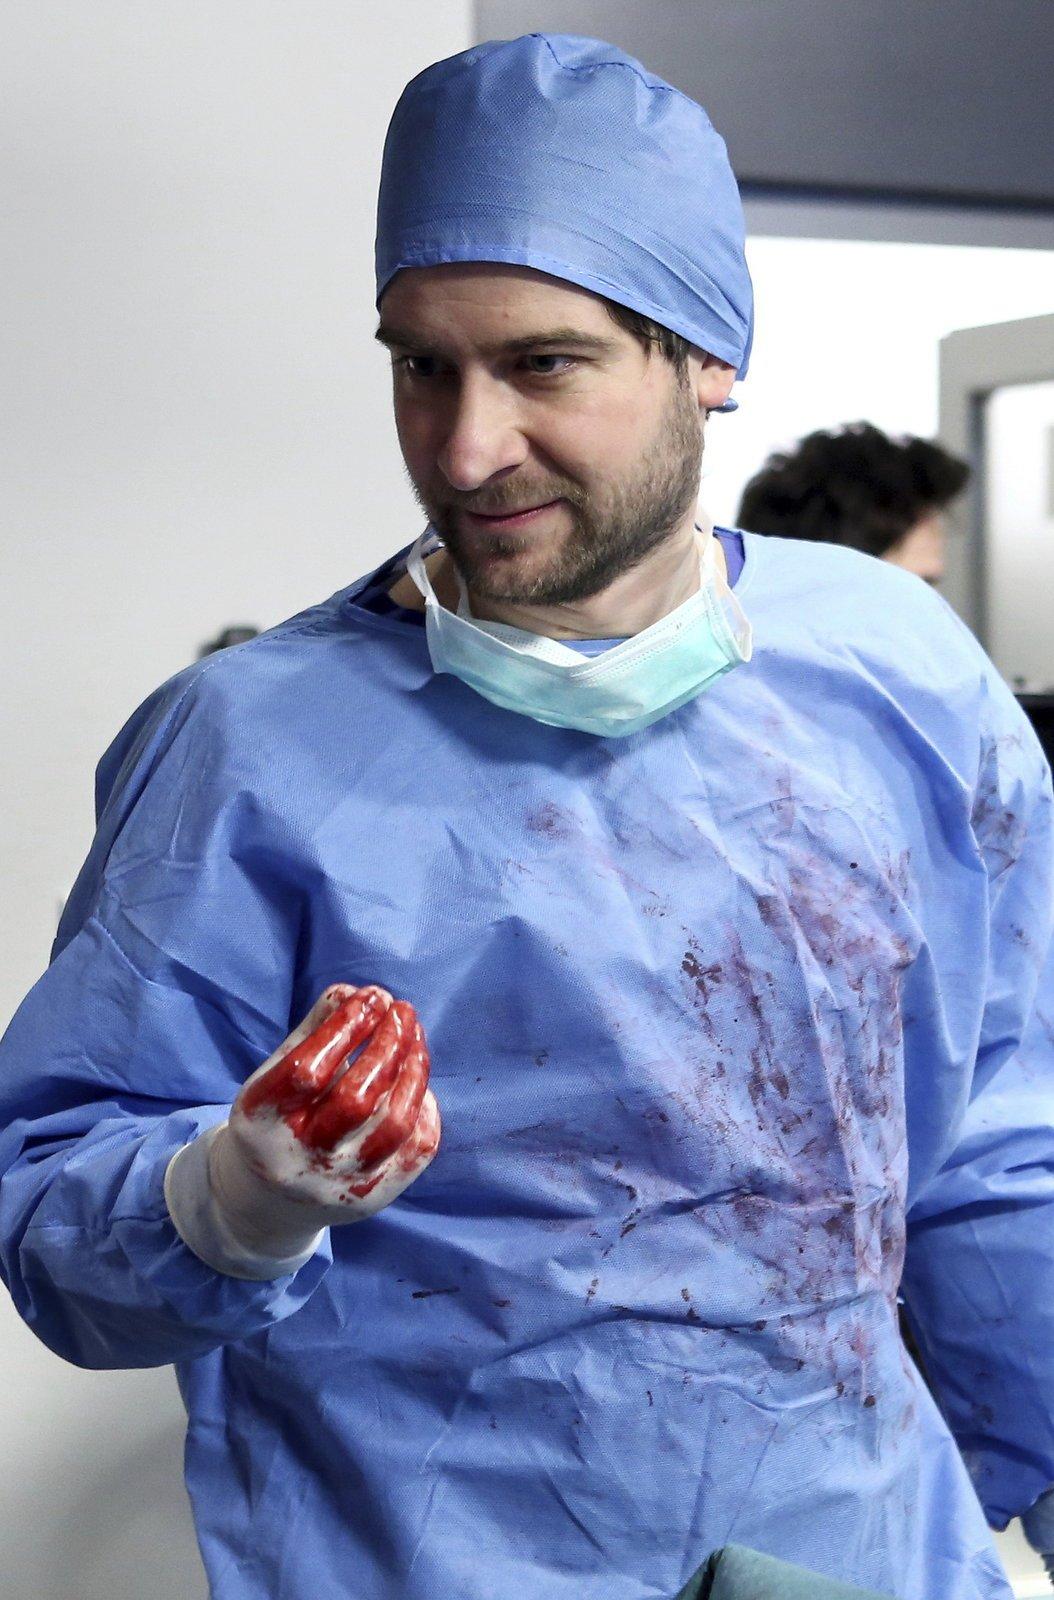 Při natáčení se používá filmová krev a vepřové maso a vnitřnosti.